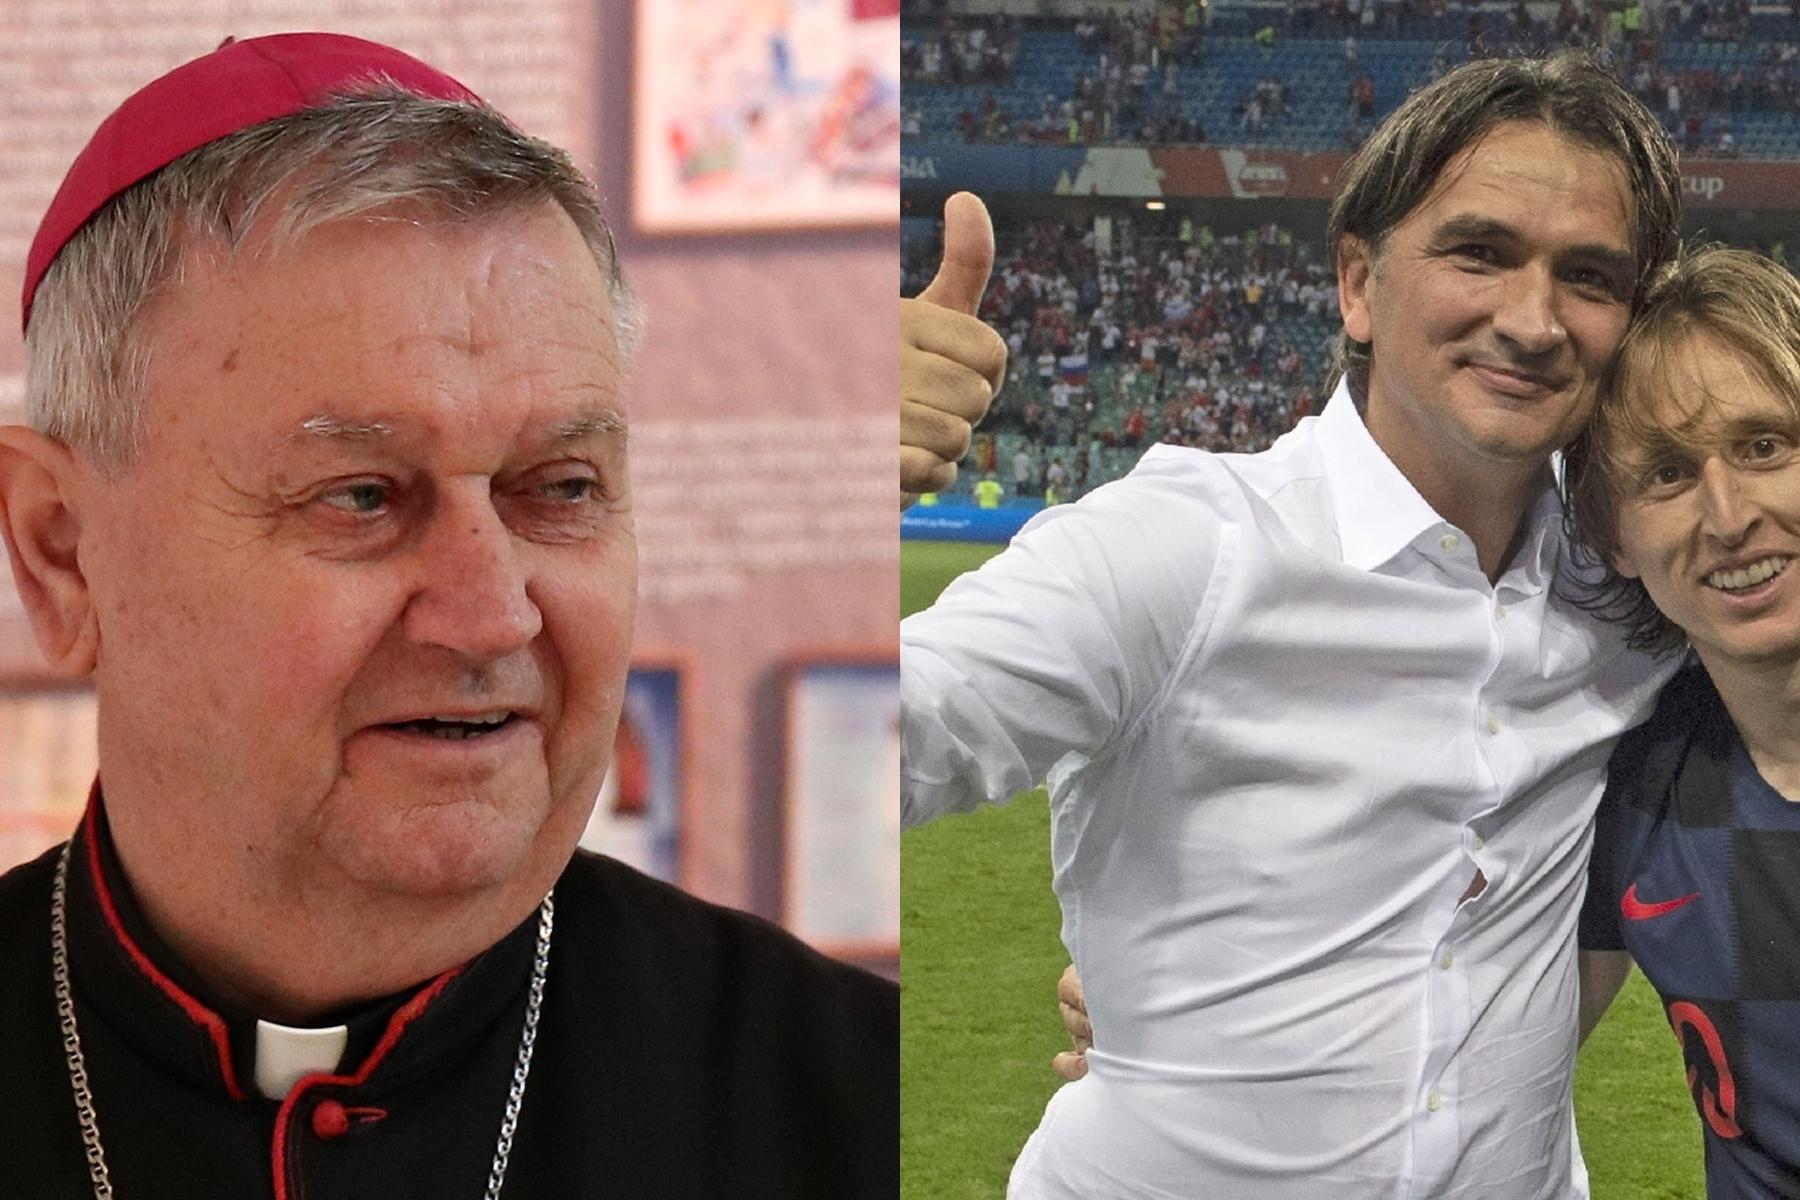 Varaždinski biskup Josip Mrzljak uputio čestitku izborniku Zlatku Daliću nakon plasmana u finale Svjetskog prvenstva u Rusiji